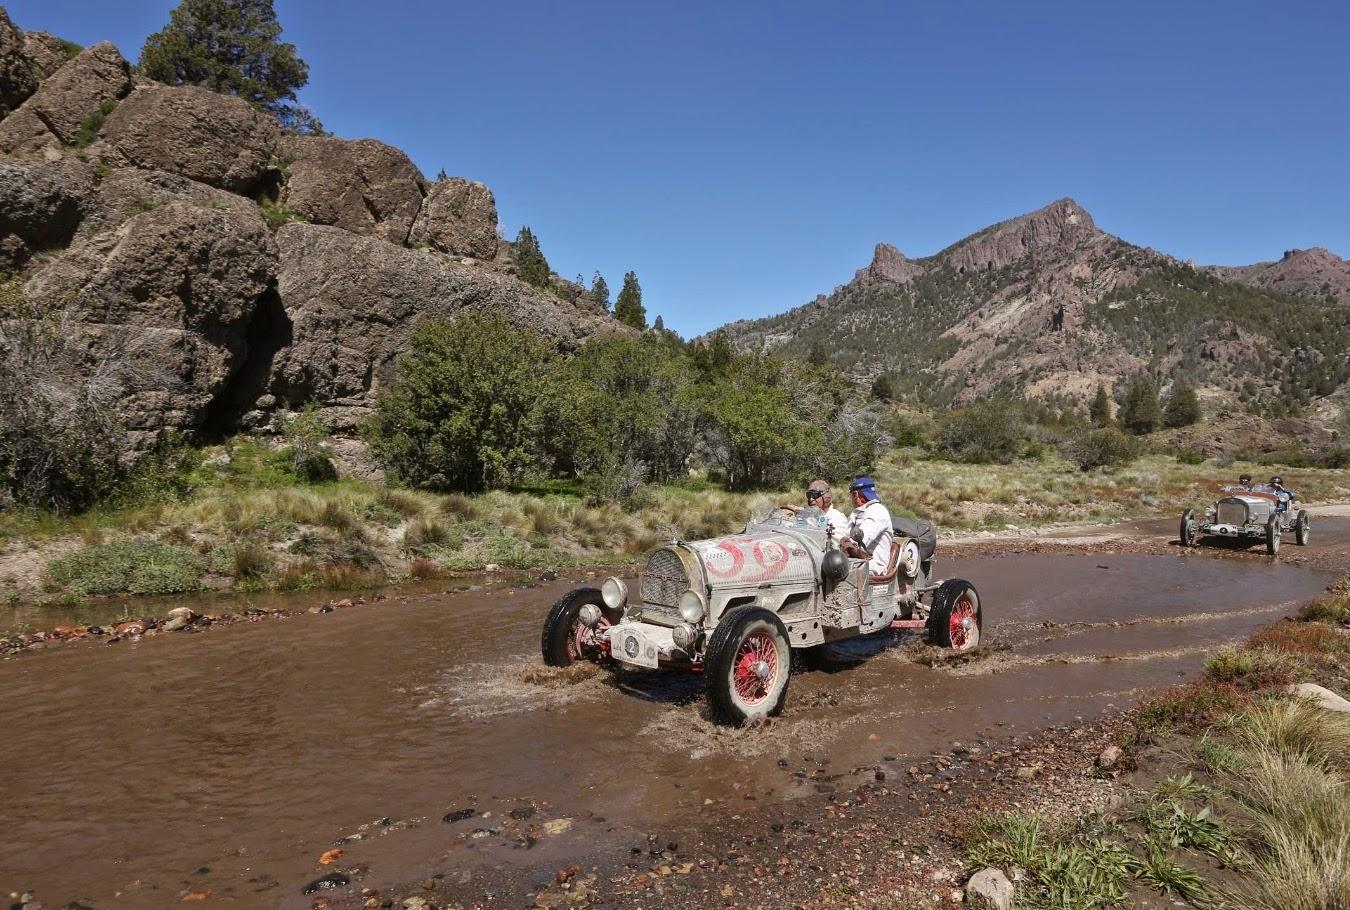 Quando o leito de um riacho se torna também um leito carroçável.